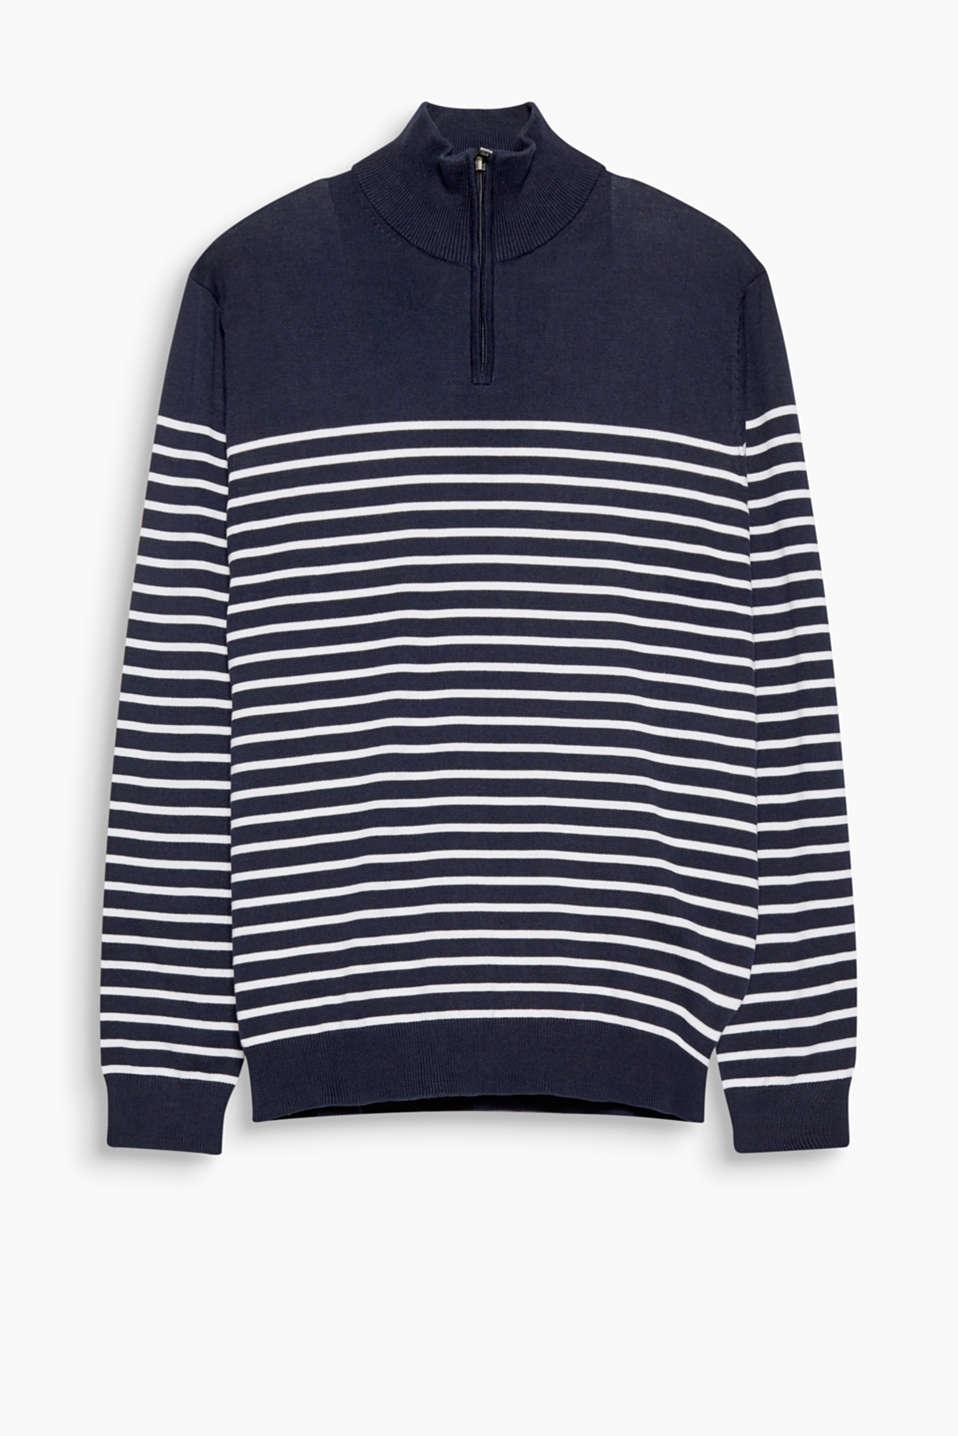 Esprit Feinstrick Pullover aus 100% Baumwolle im Online